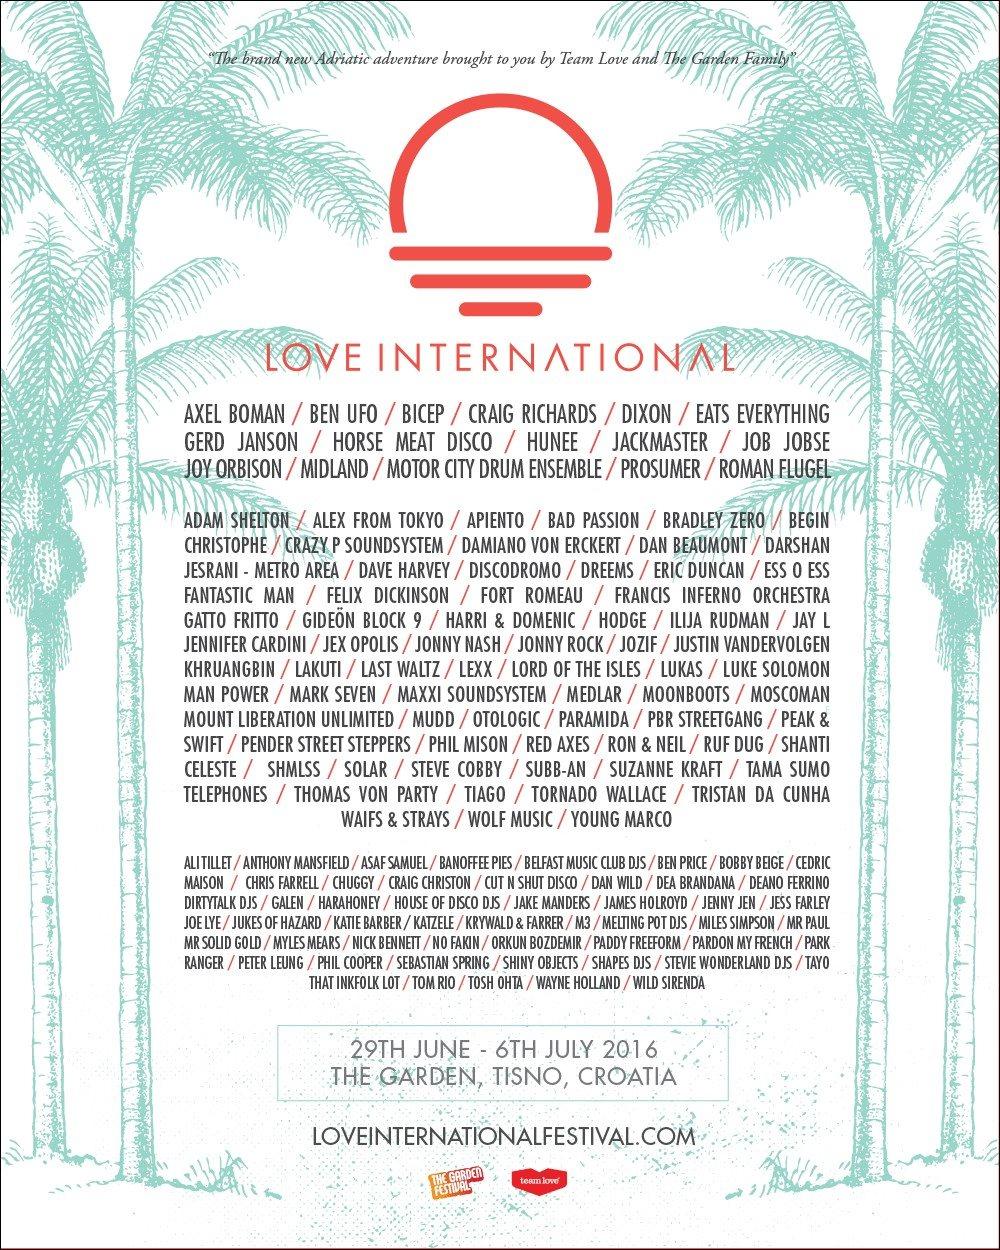 Love International Festival 2016 - Flyer front